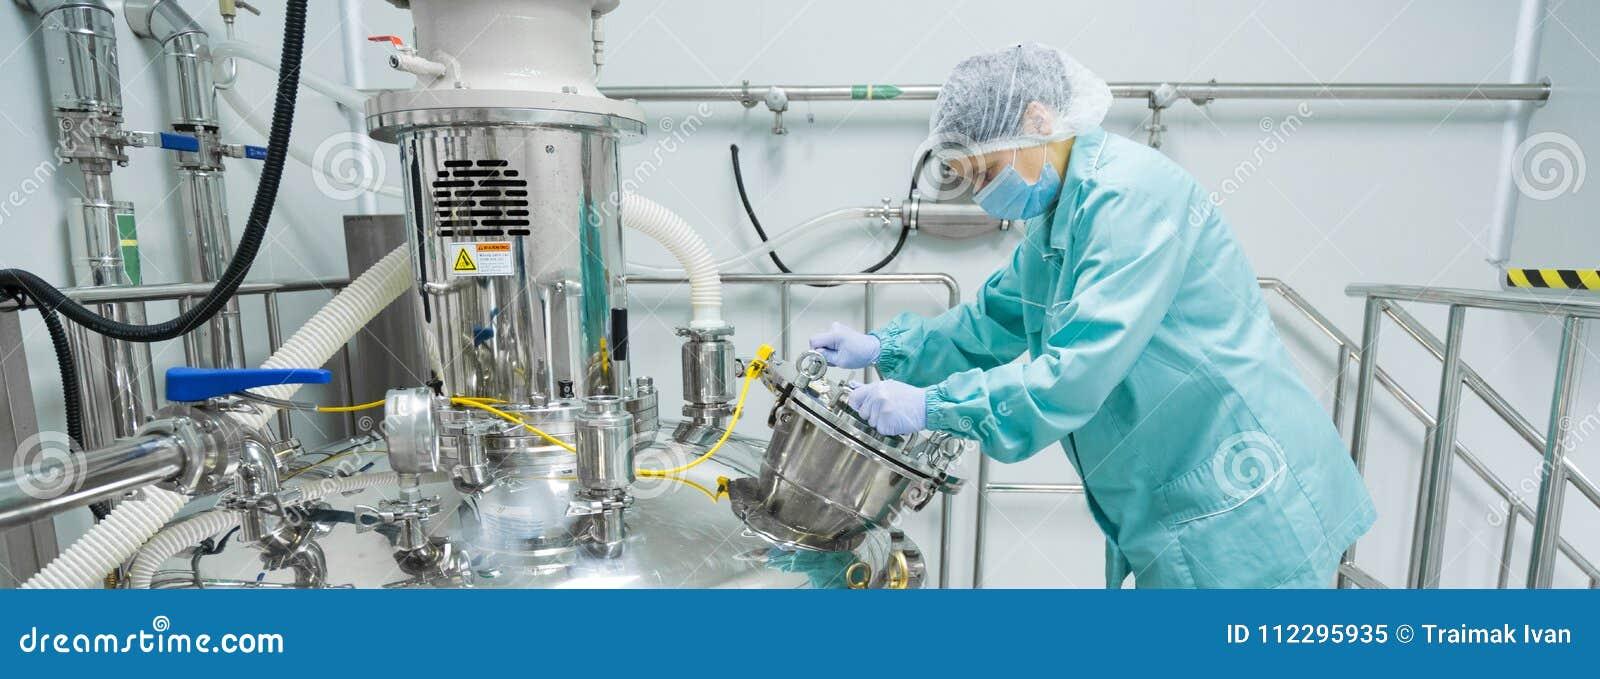 Φαρμακευτικός εργαζόμενος γυναικών εργοστασίων στη λειτουργούσα γραμμή παραγωγής προστατευτικής ενδυμασίας στο αποστειρωμένο περι